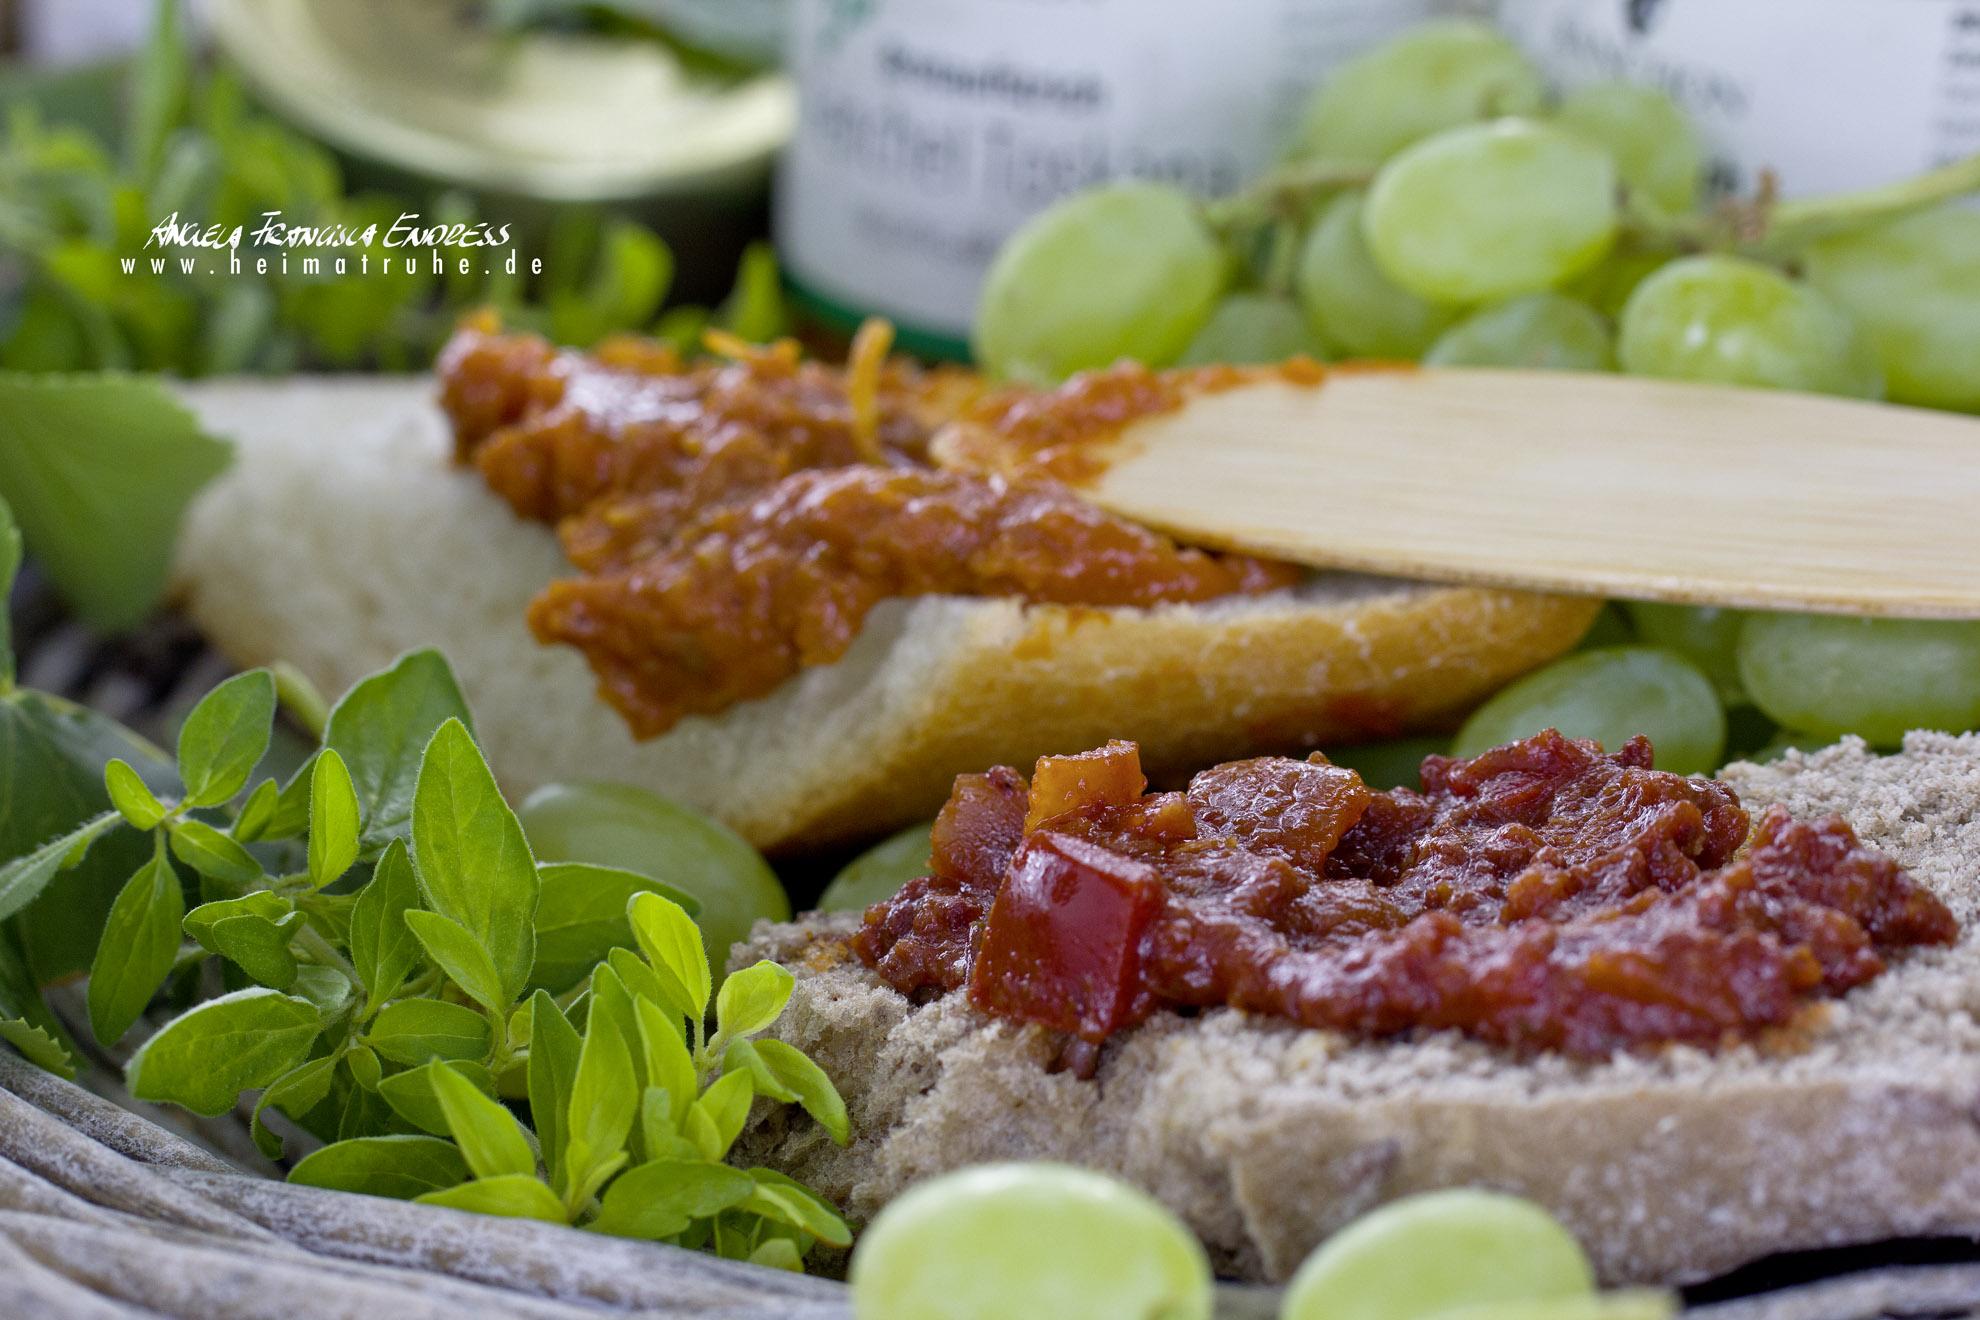 Brotaufstrich auf Beguettscheibe und Semmel, Trauben, Kräuter